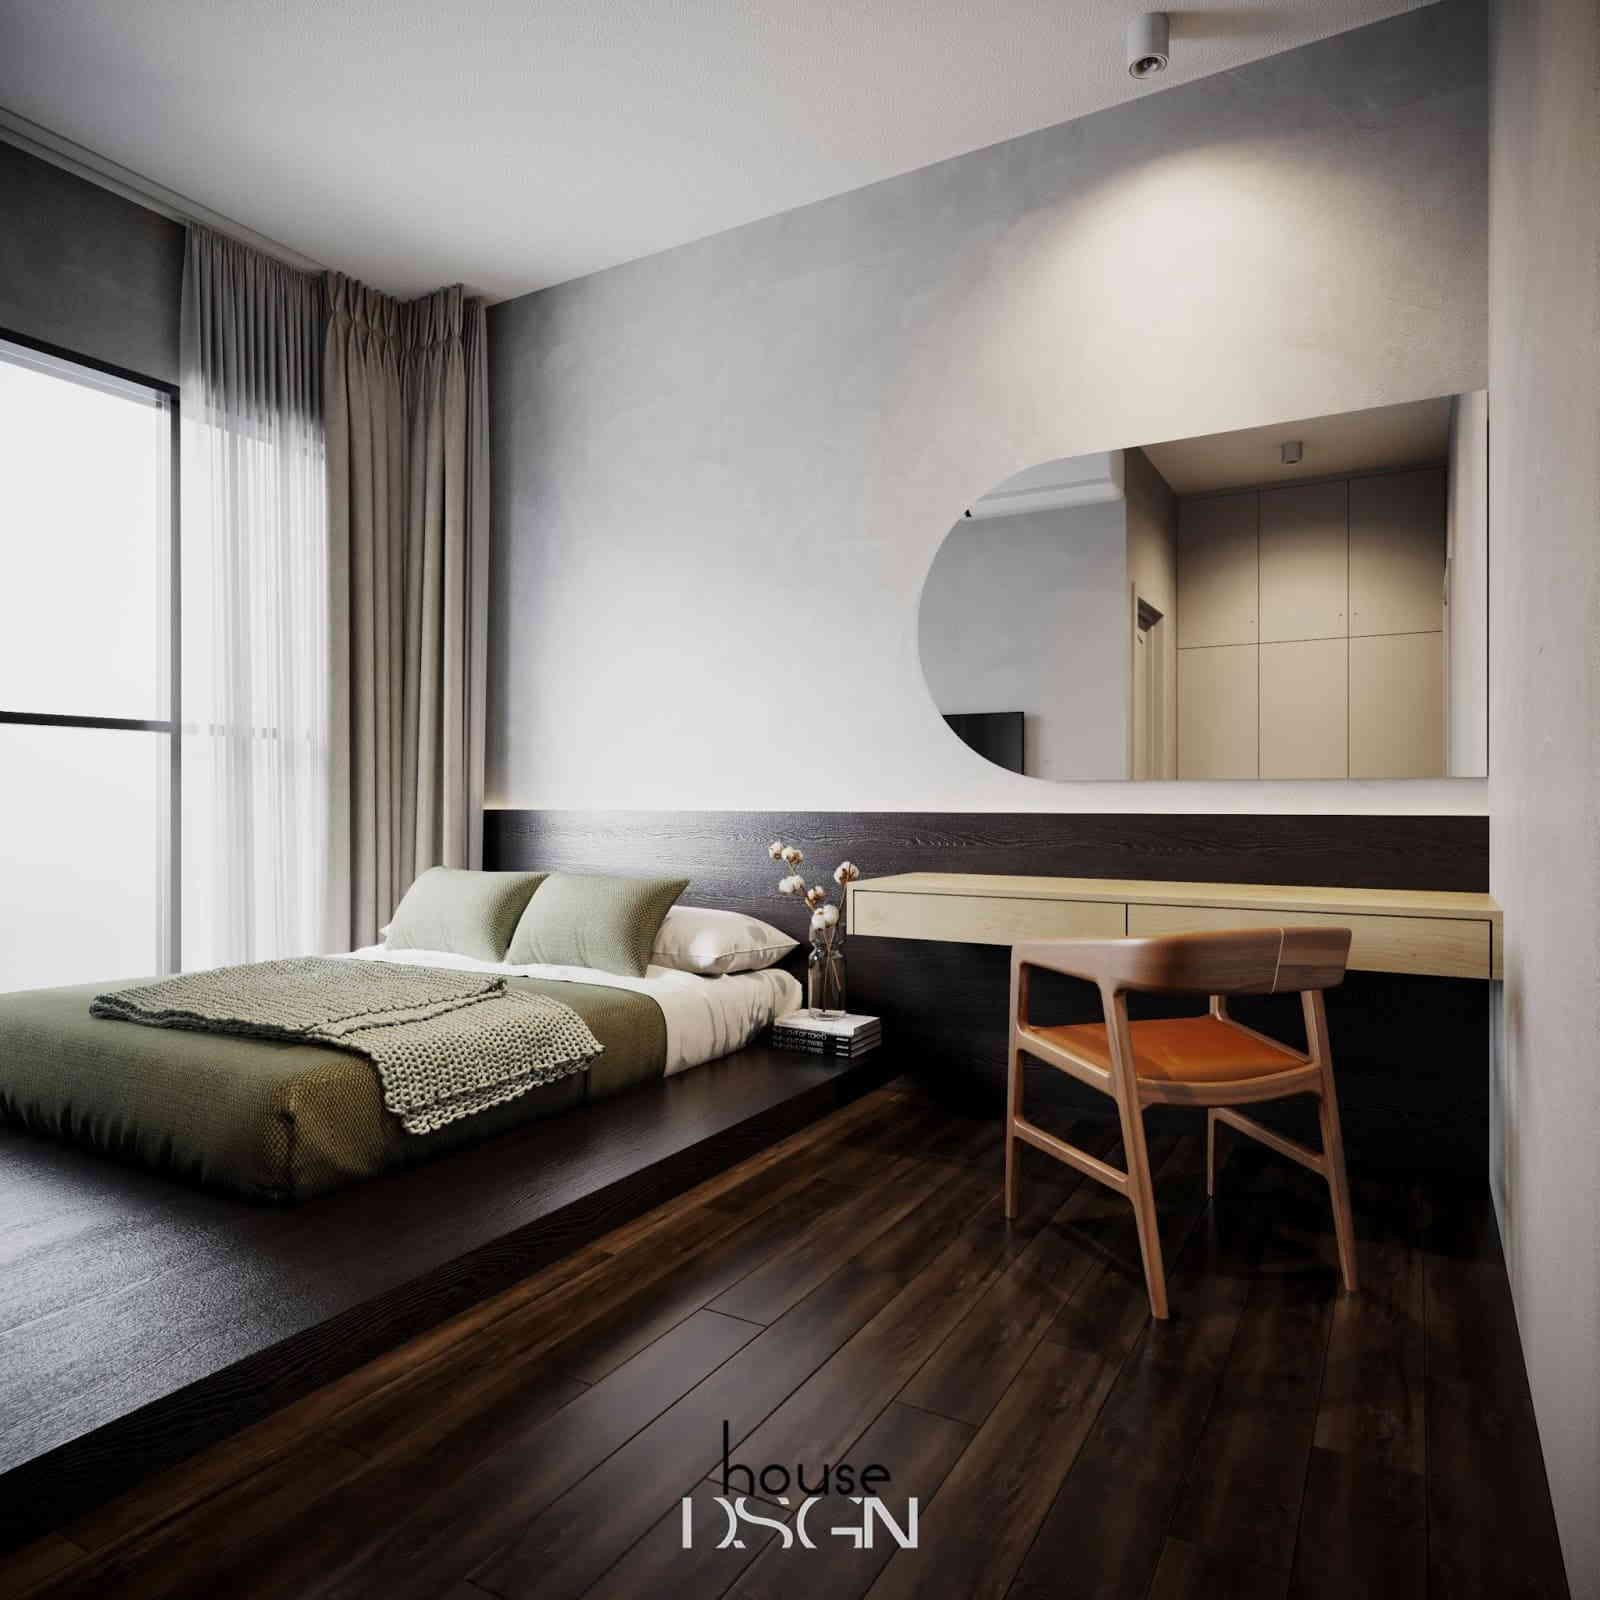 phòng ngủ trong thiết kế đơn giản